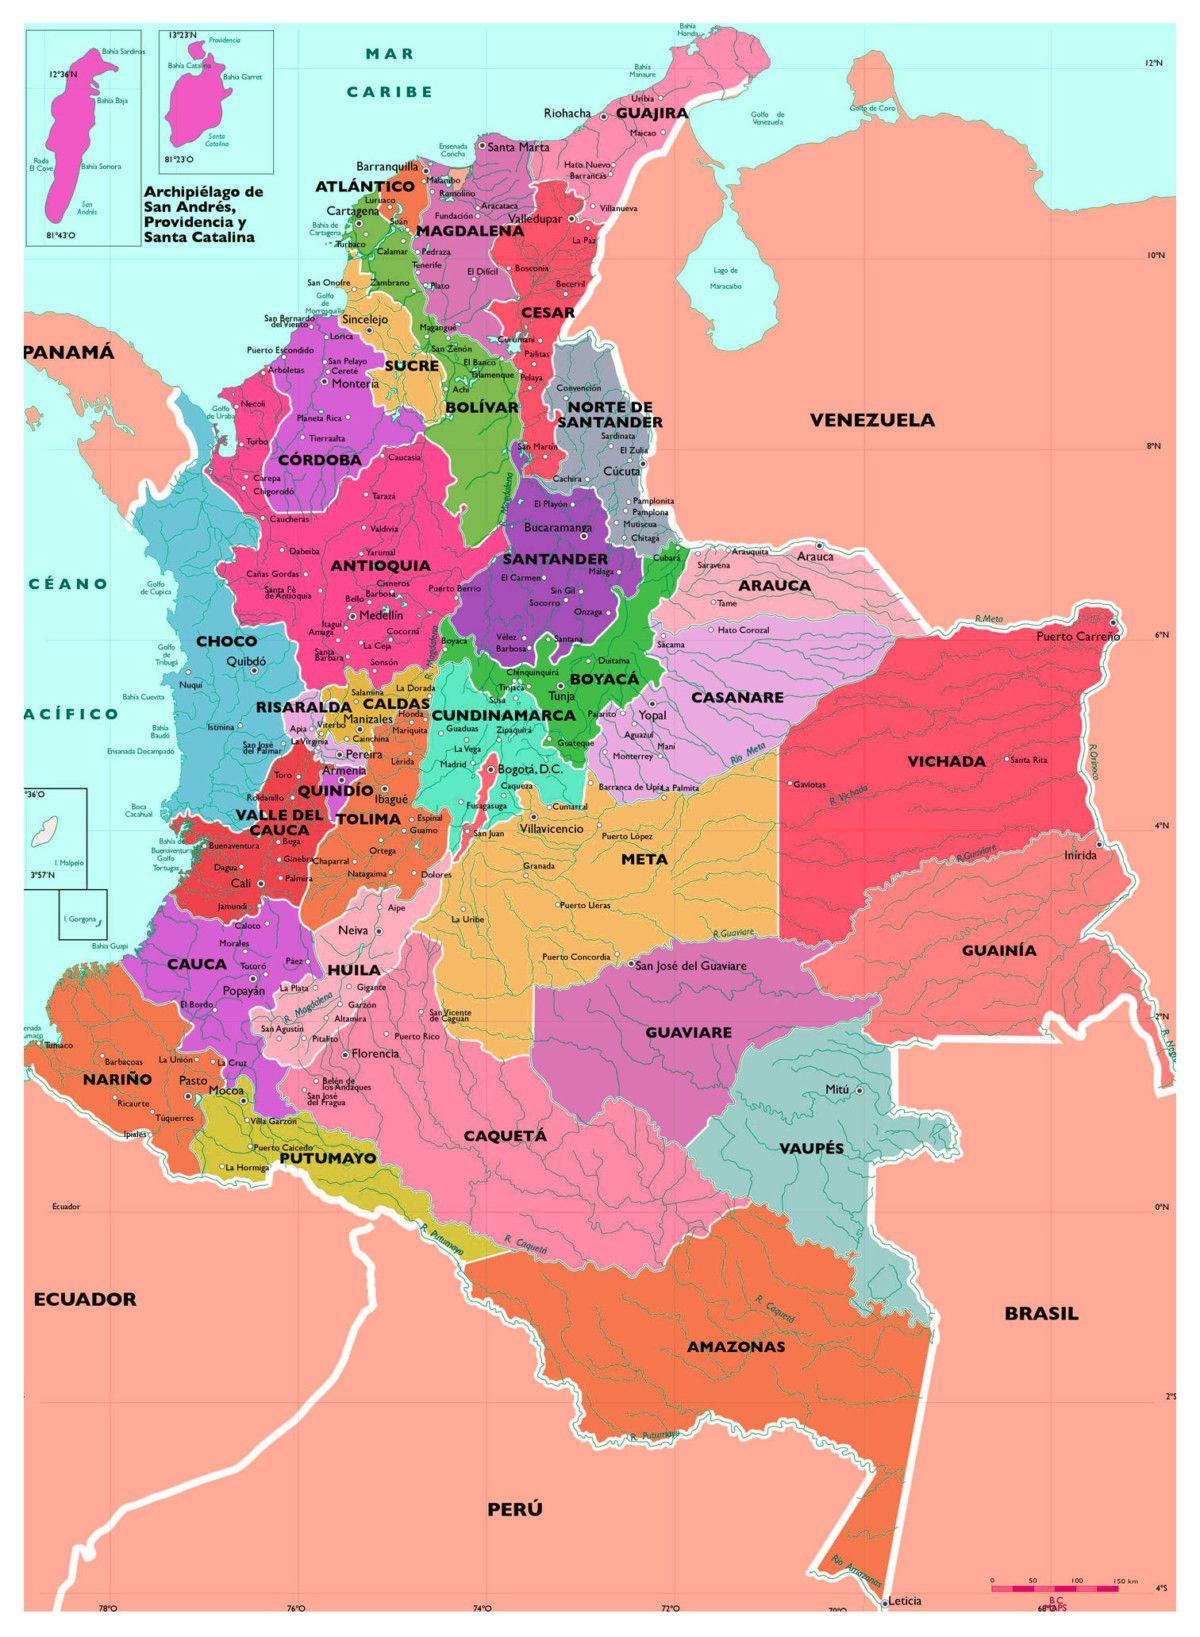 Informacion E Imagenes Con Mapas De Colombia Politico Fisico Y